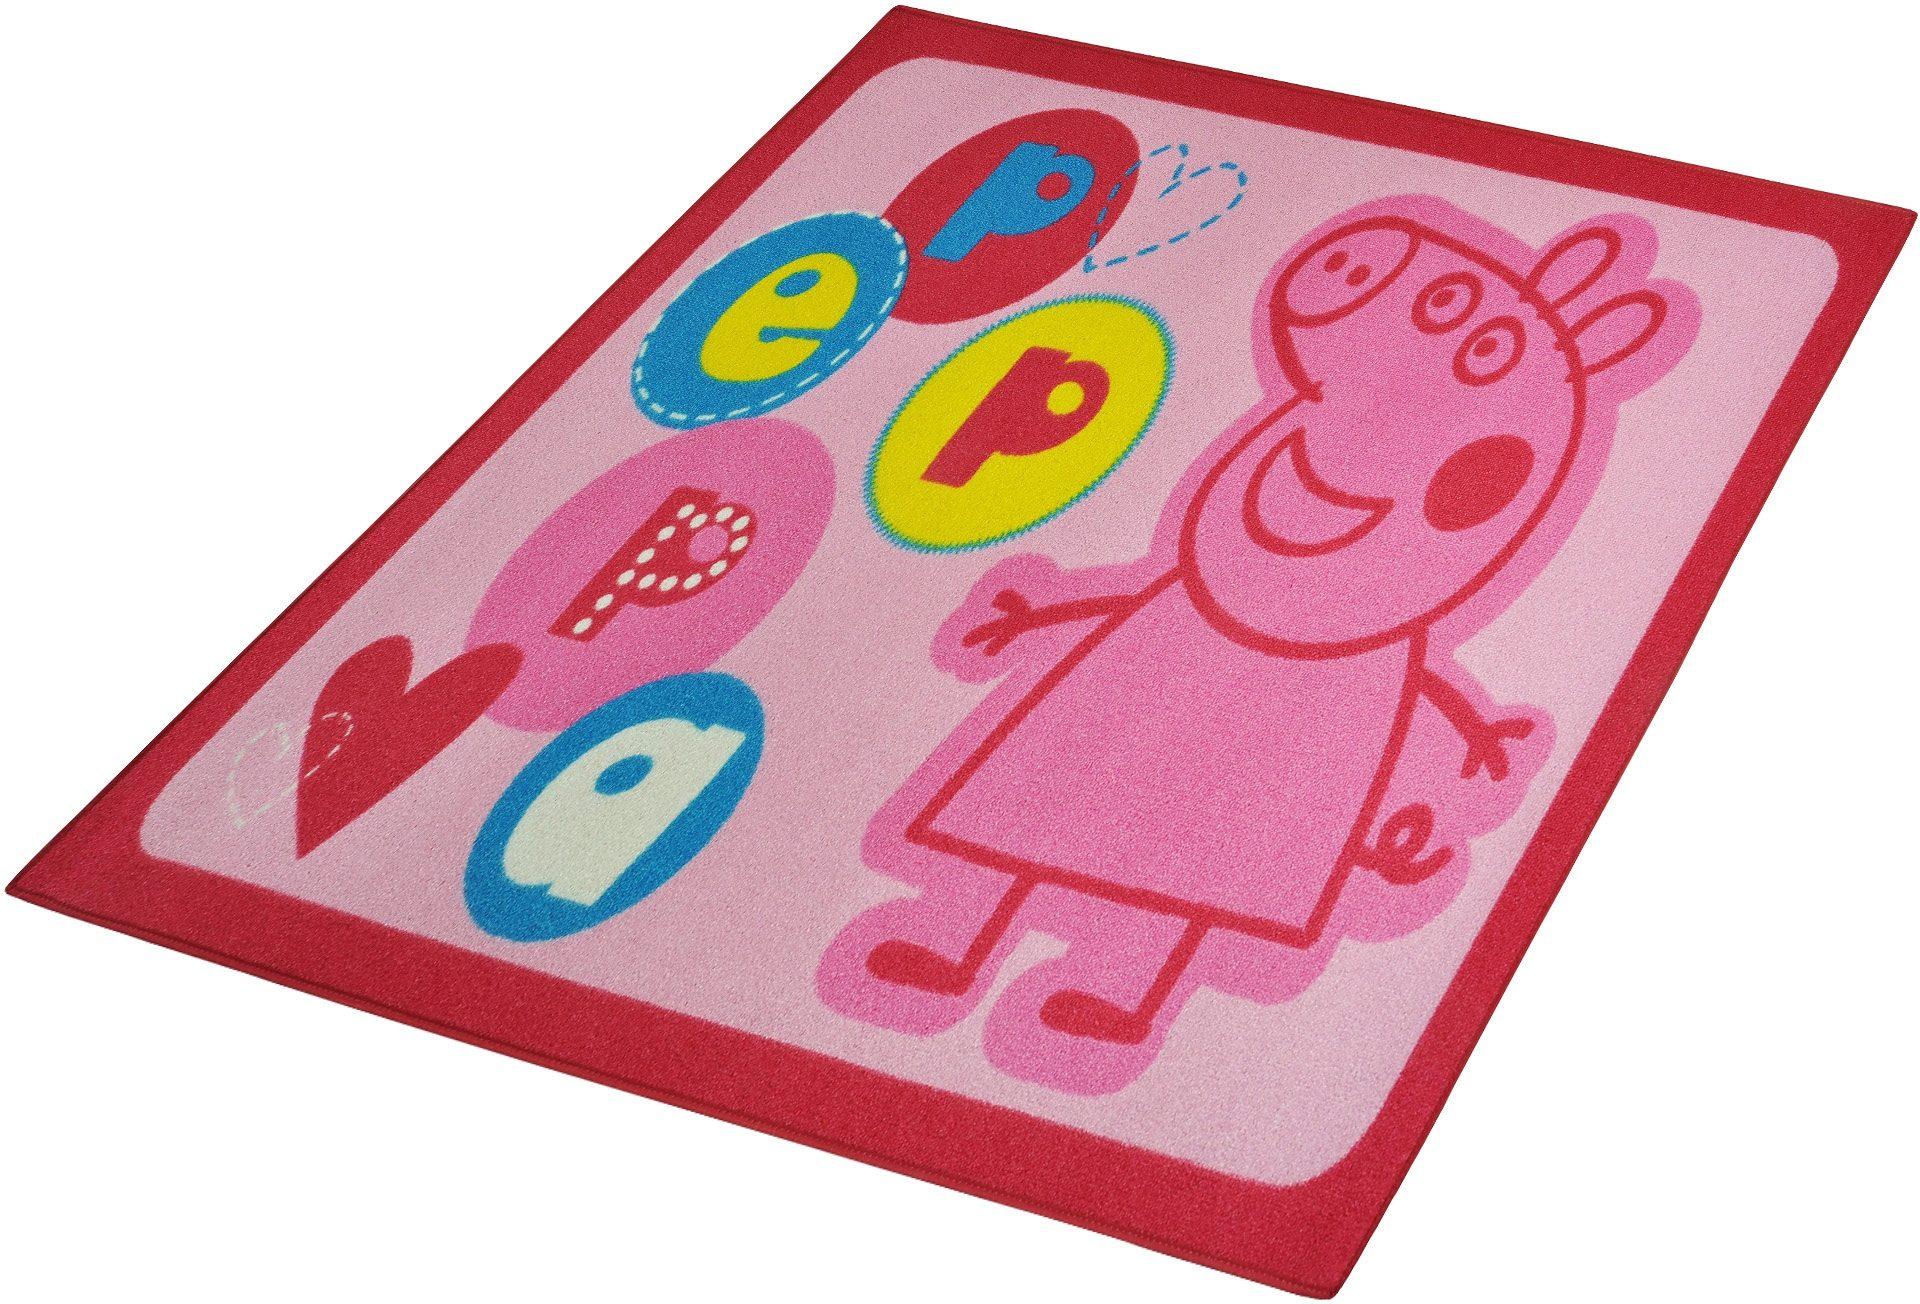 Kinderteppich »Lizenz Peppa Pig - Peppa Wutz«, HANSE Home, rechteckig, Höhe 7 mm